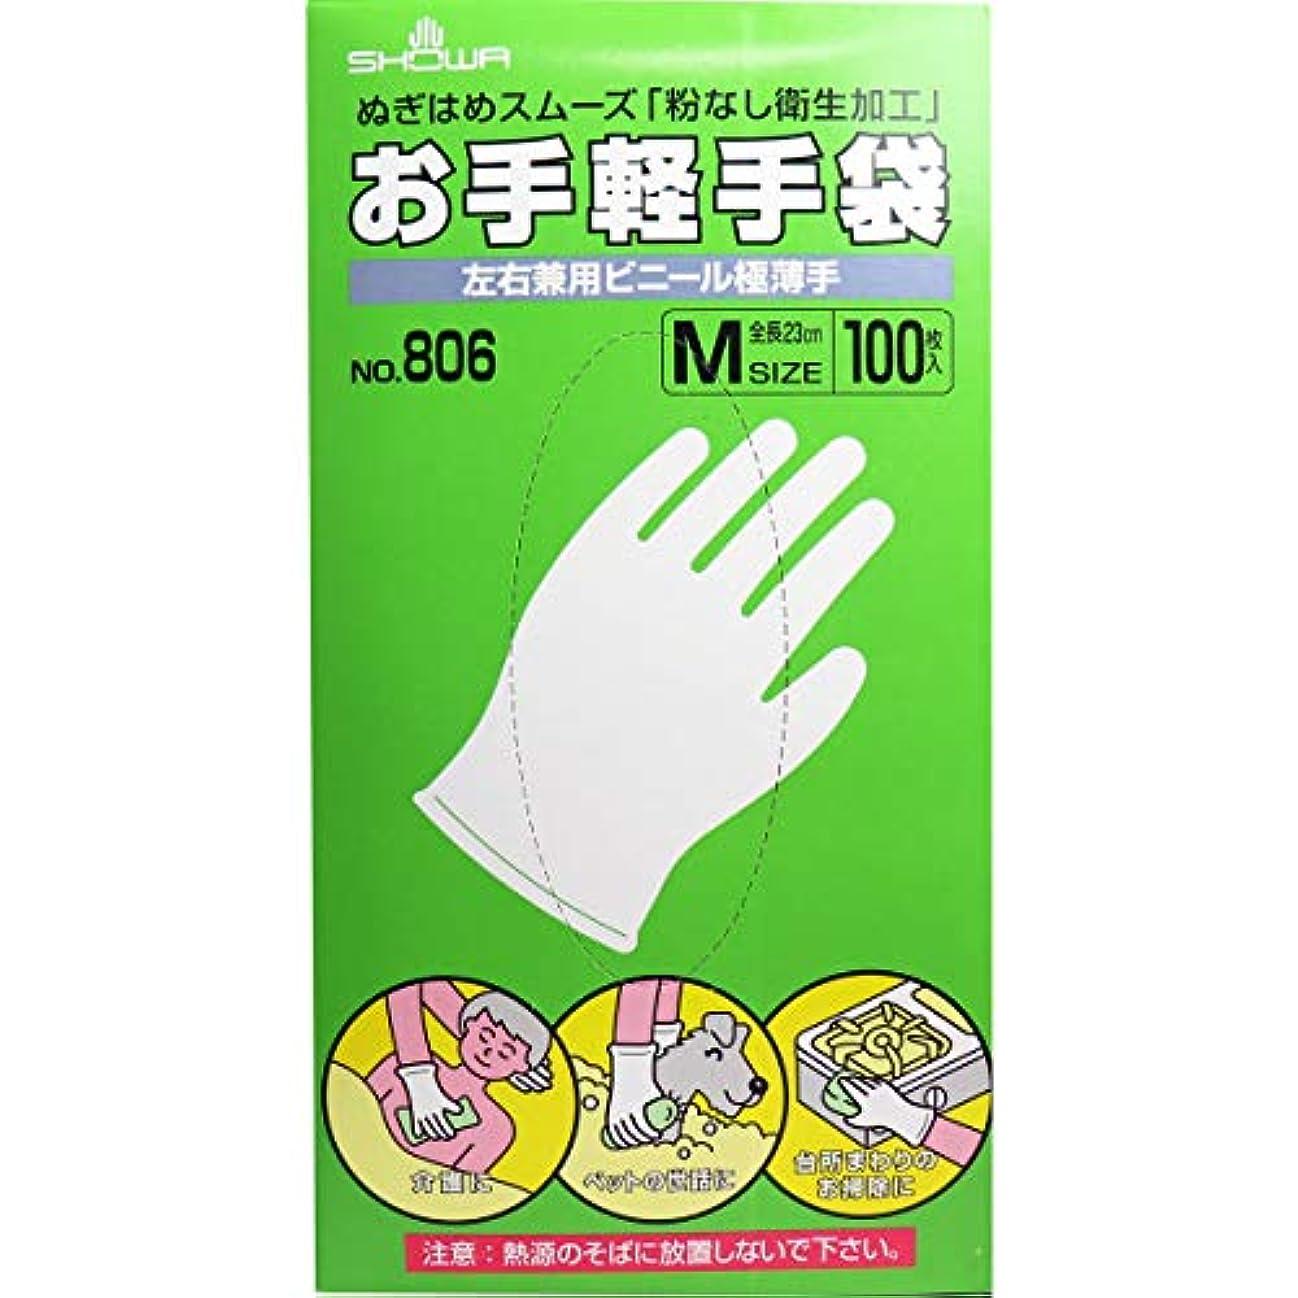 スチュワーデス幼児誘惑するお手軽手袋 No.806 左右兼用ビニール極薄手 粉なし Mサイズ 100枚入×5個セット(管理番号 4901792033596)